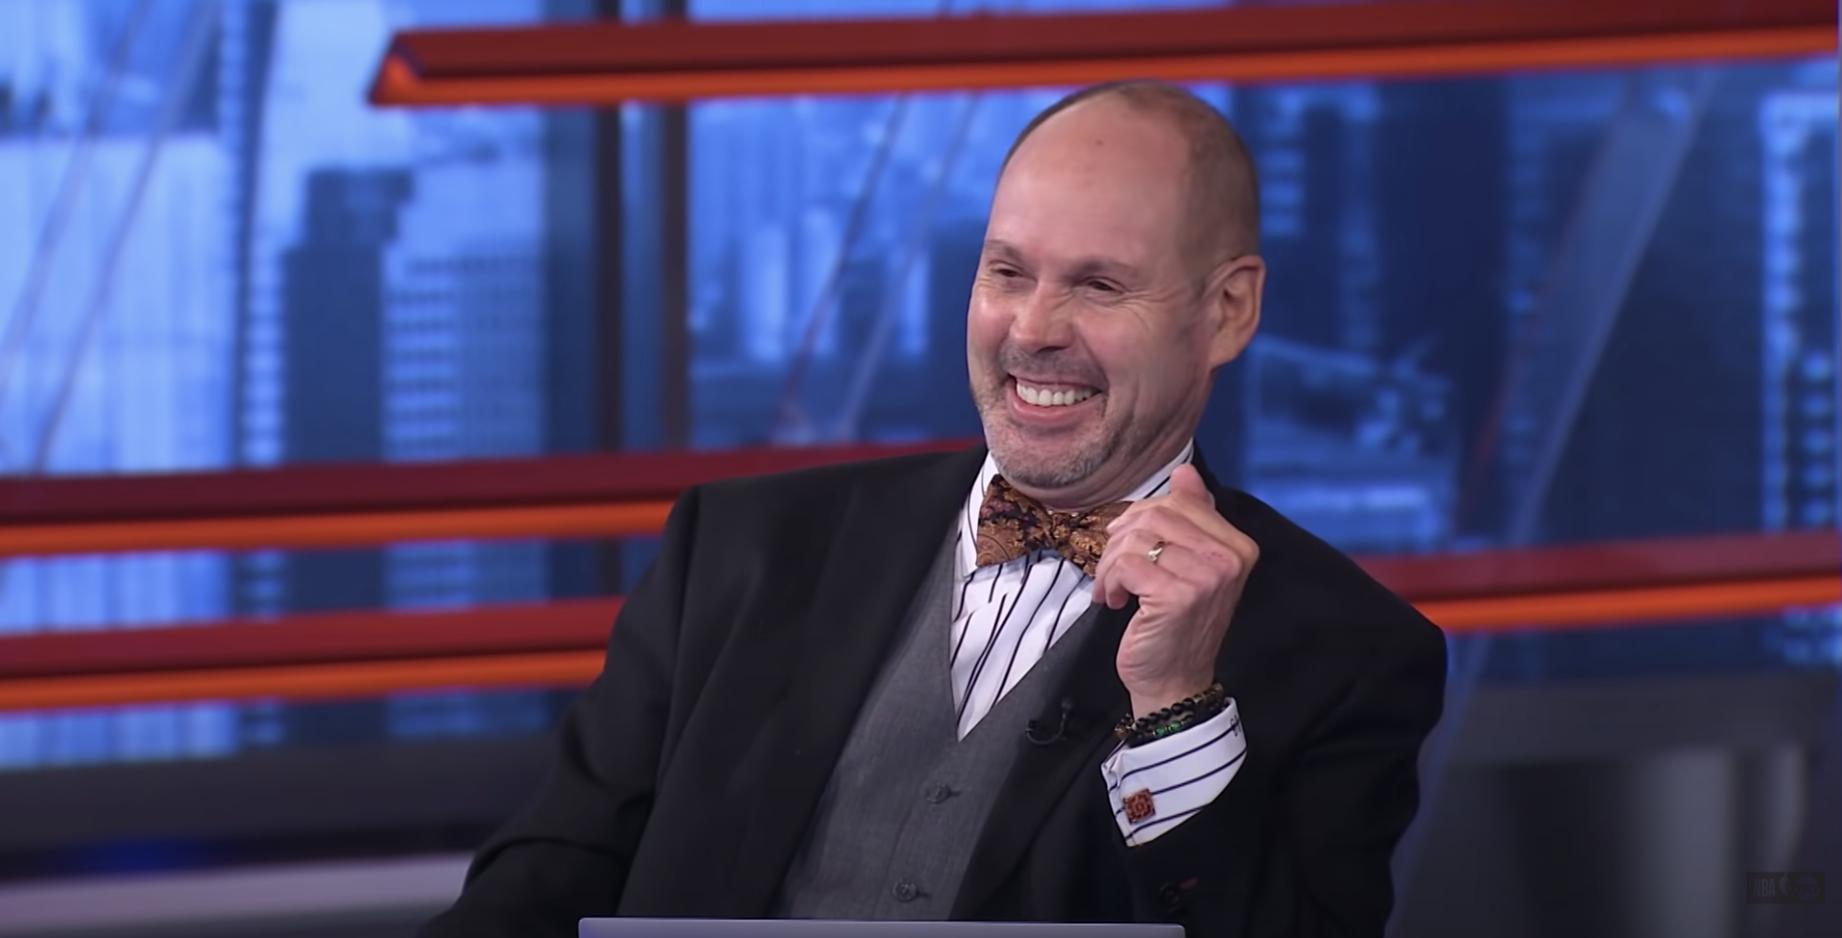 TNT, ESPN Lead 2021 Sports Emmys; Ernie Johnson, Joe Buck, Michele Tafoya Among Personality Winners